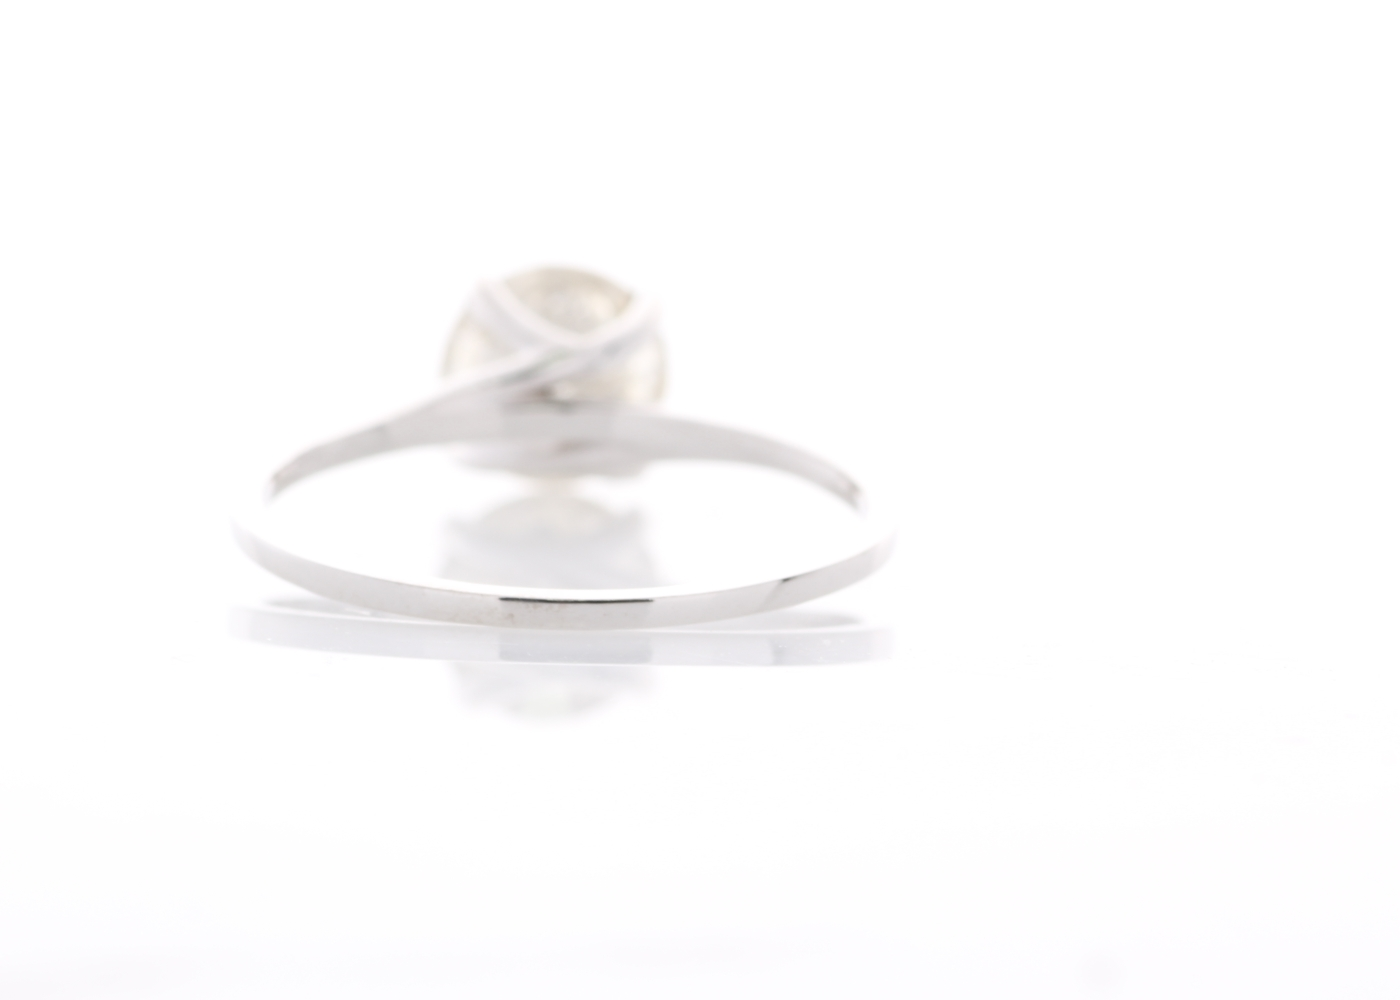 18ct White Gold Rex Set Diamond Ring 1.06 Carats - Image 3 of 5